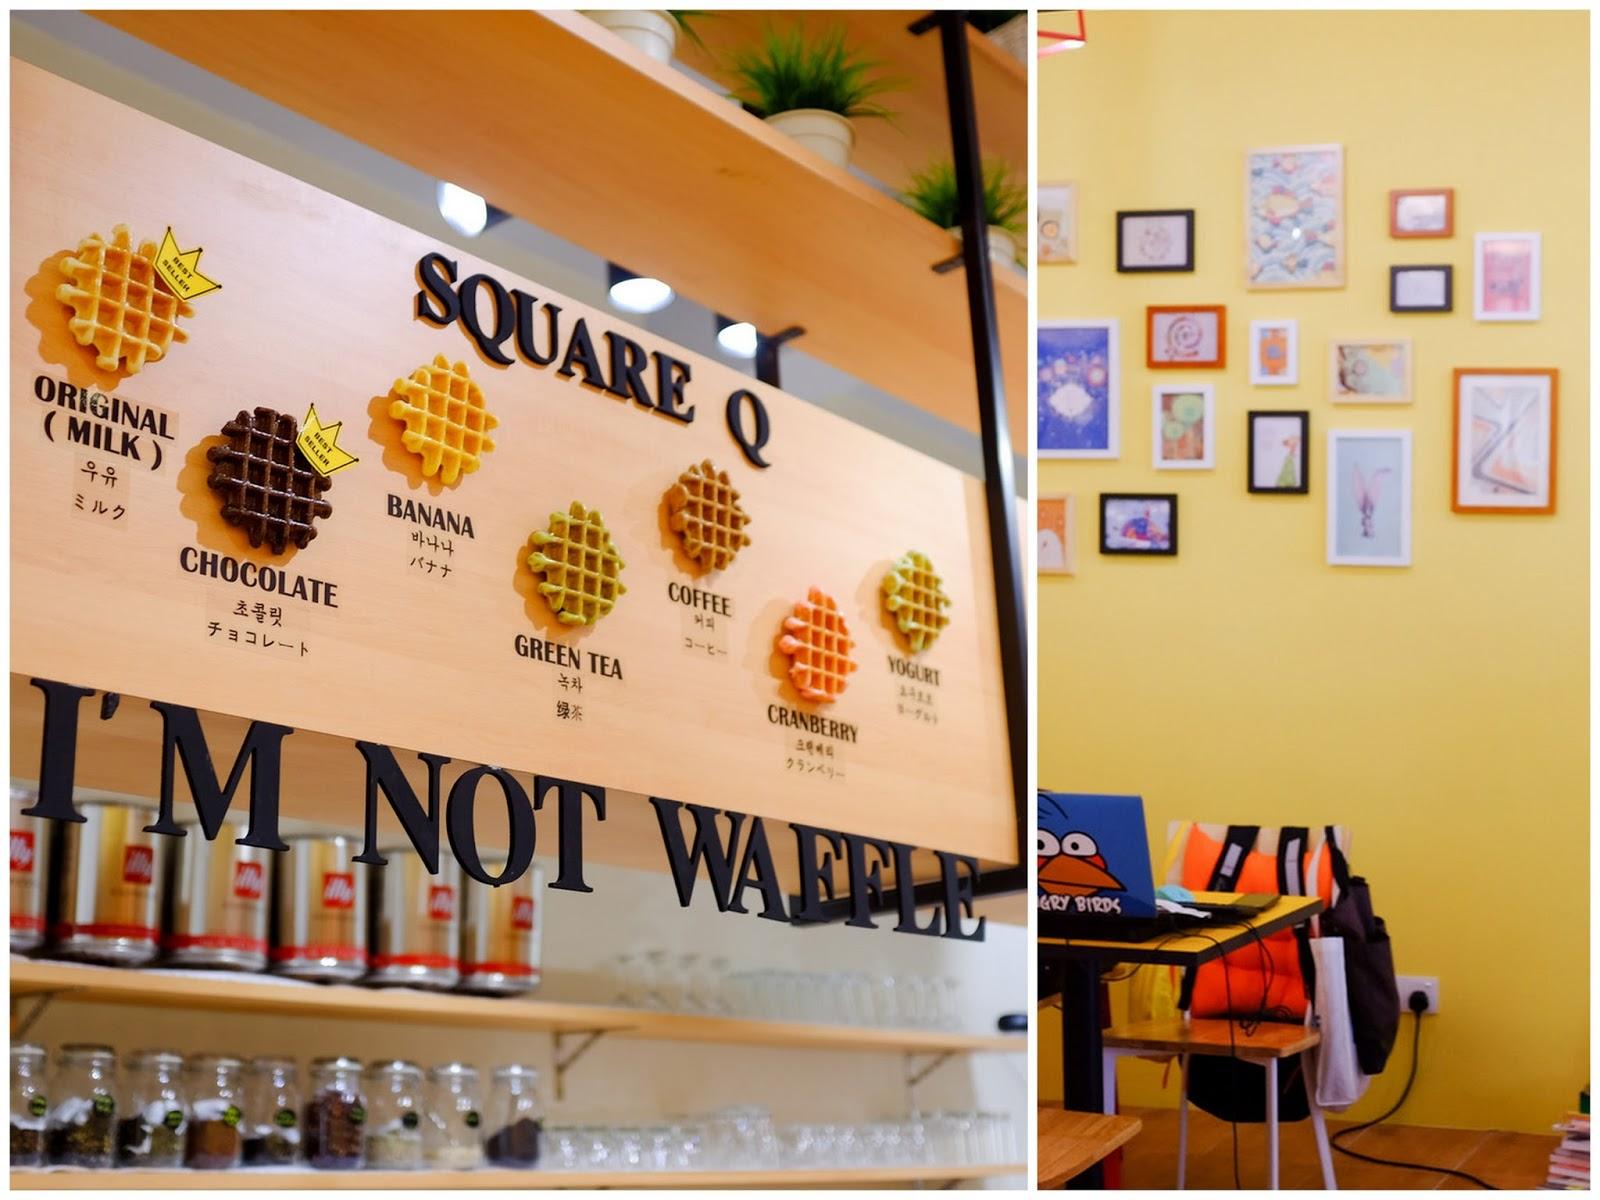 Square Q Cafe @ Solaris Mont Kiara